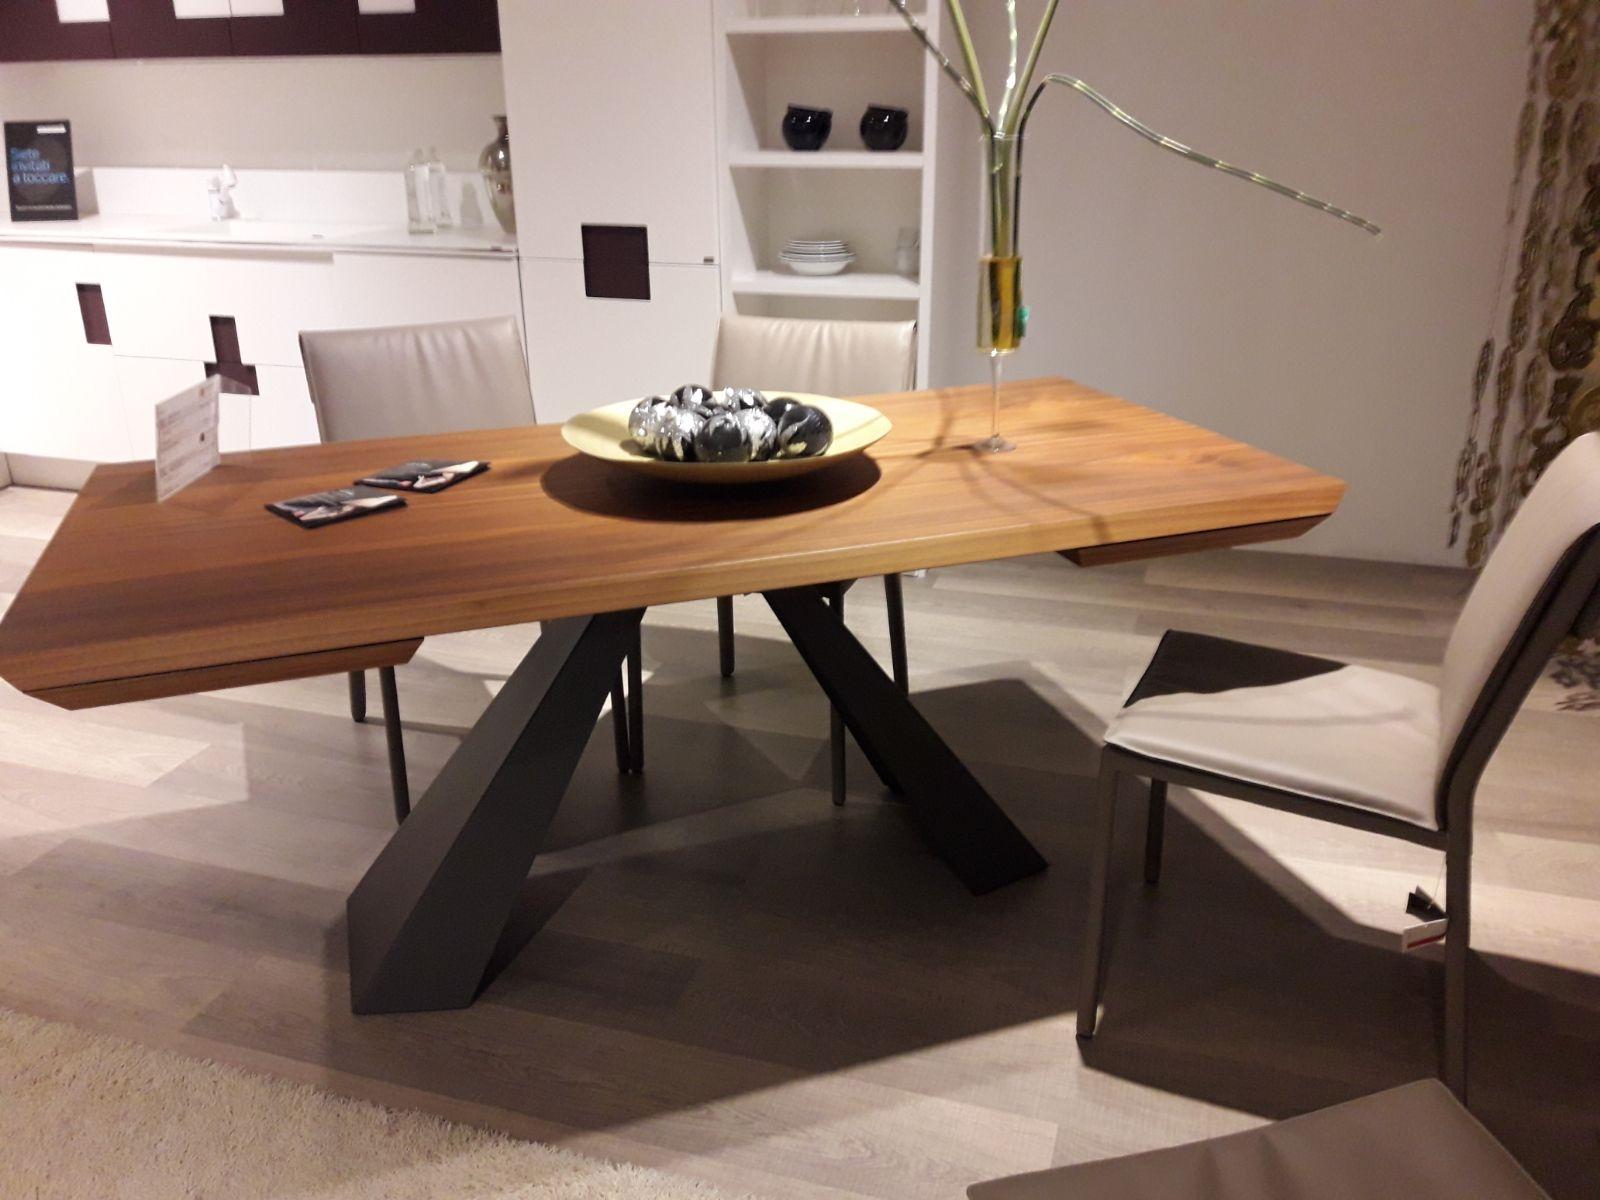 Awesome tavolo soggiorno allungabile photos design for Tavoli soggiorno cristallo allungabili